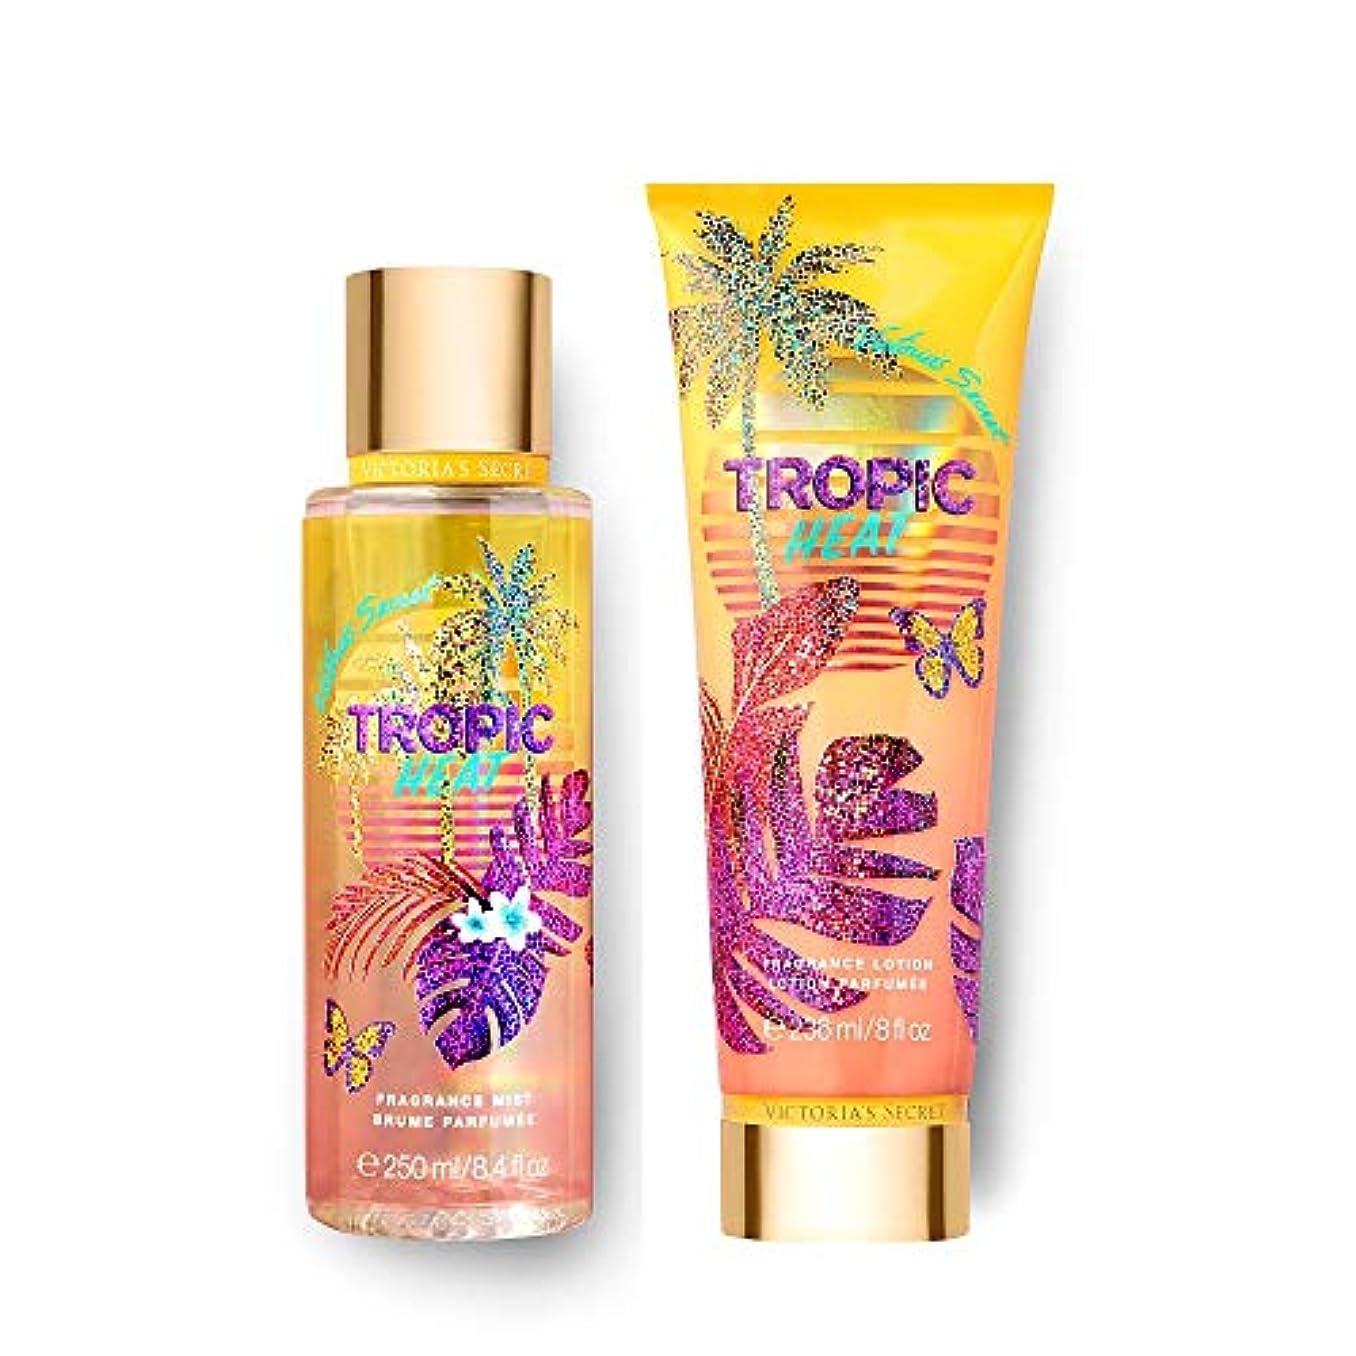 海嶺探す販売員?限定品?TropicDreamsCollection? ミスト&ローションセット Victoria'sSecretFantasies FragranceMist&FragranceLotion ヴィクトリアズシークレット...